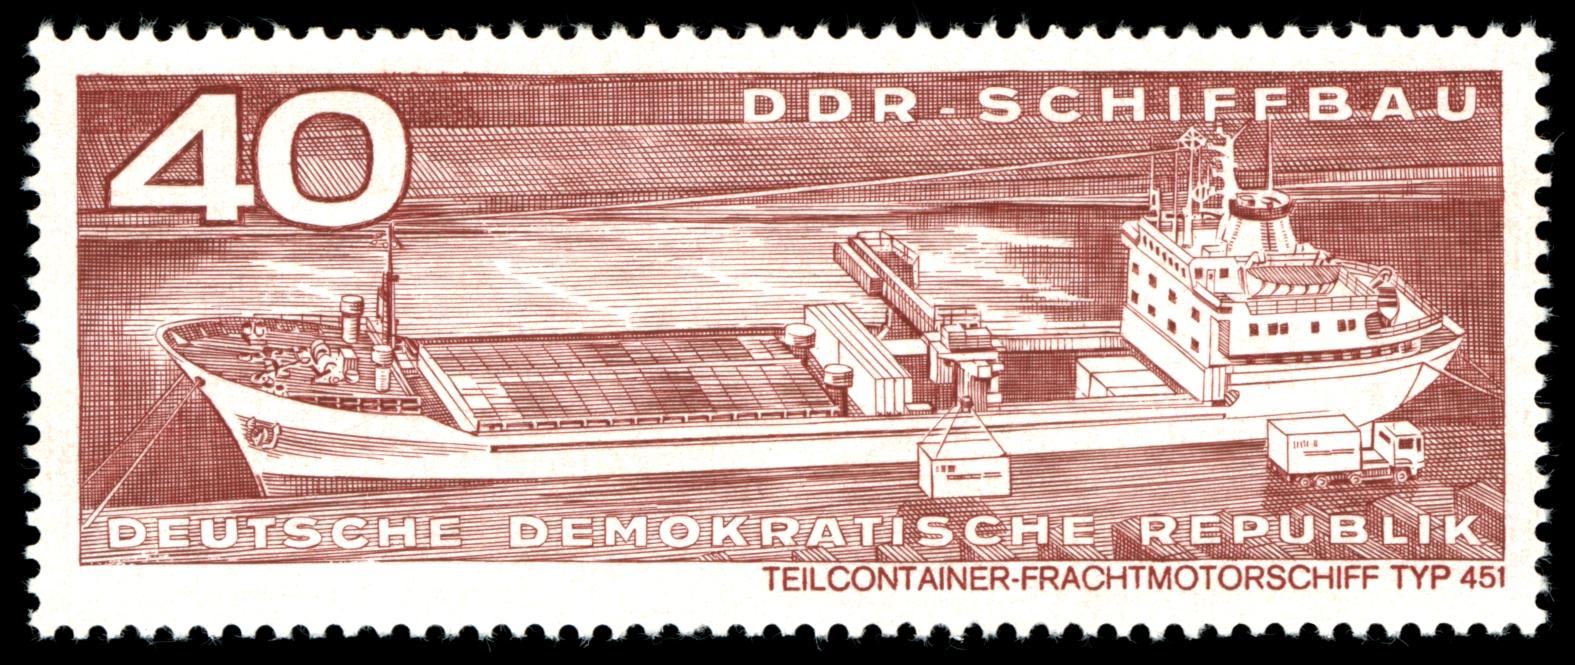 Briefmarken 1971 der Deutschen Post der DDR Schiffbau